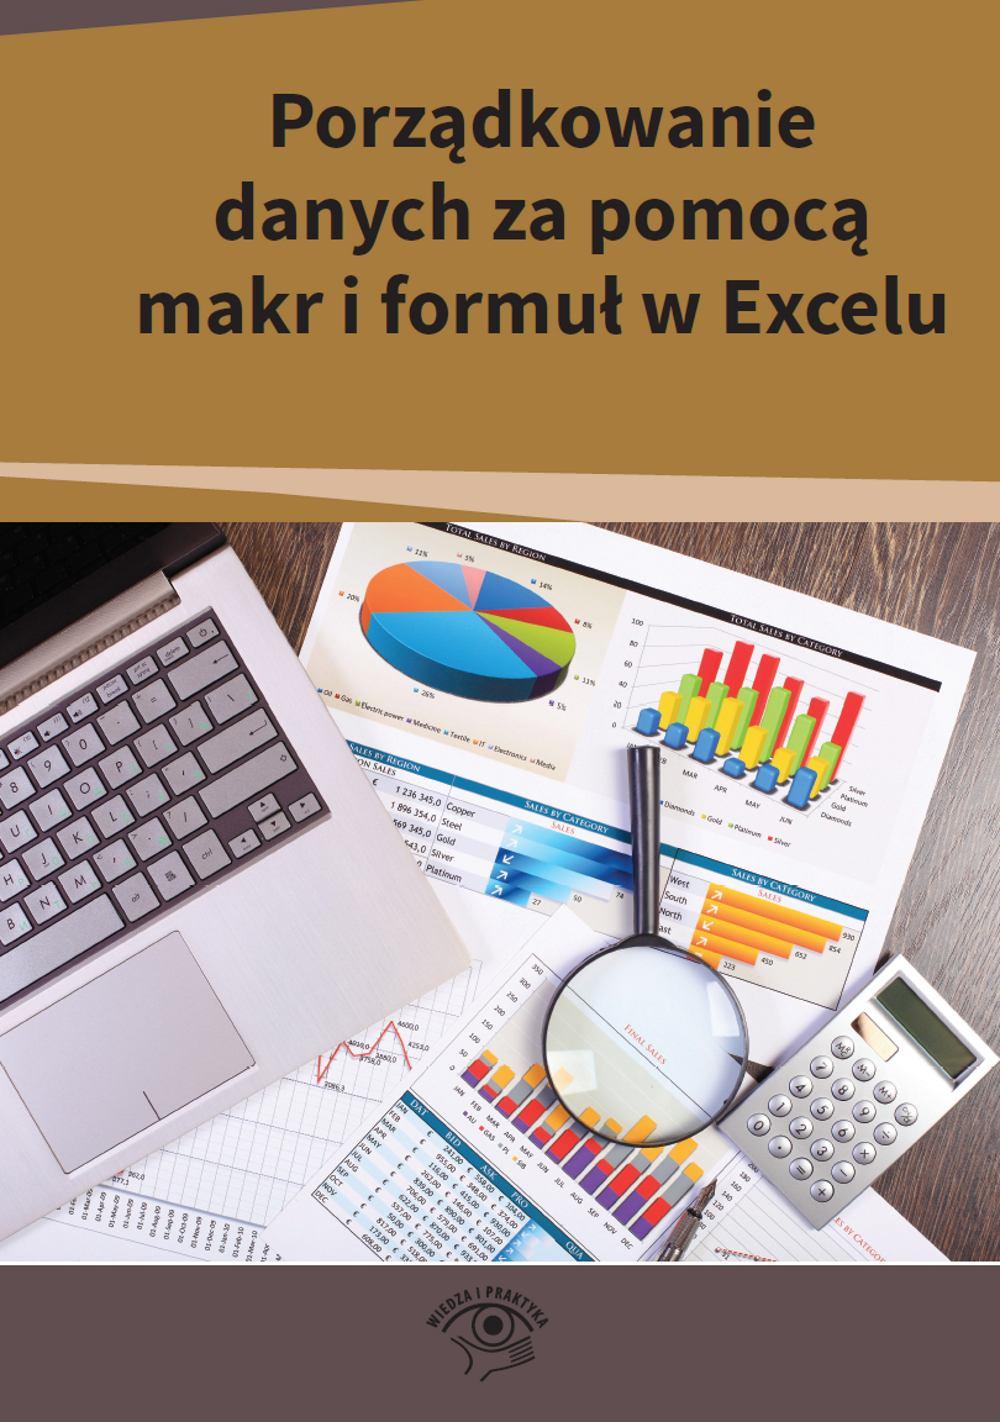 Porządkowanie danych za pomocą makr i formuł w Excelu - Ebook (Książka PDF) do pobrania w formacie PDF